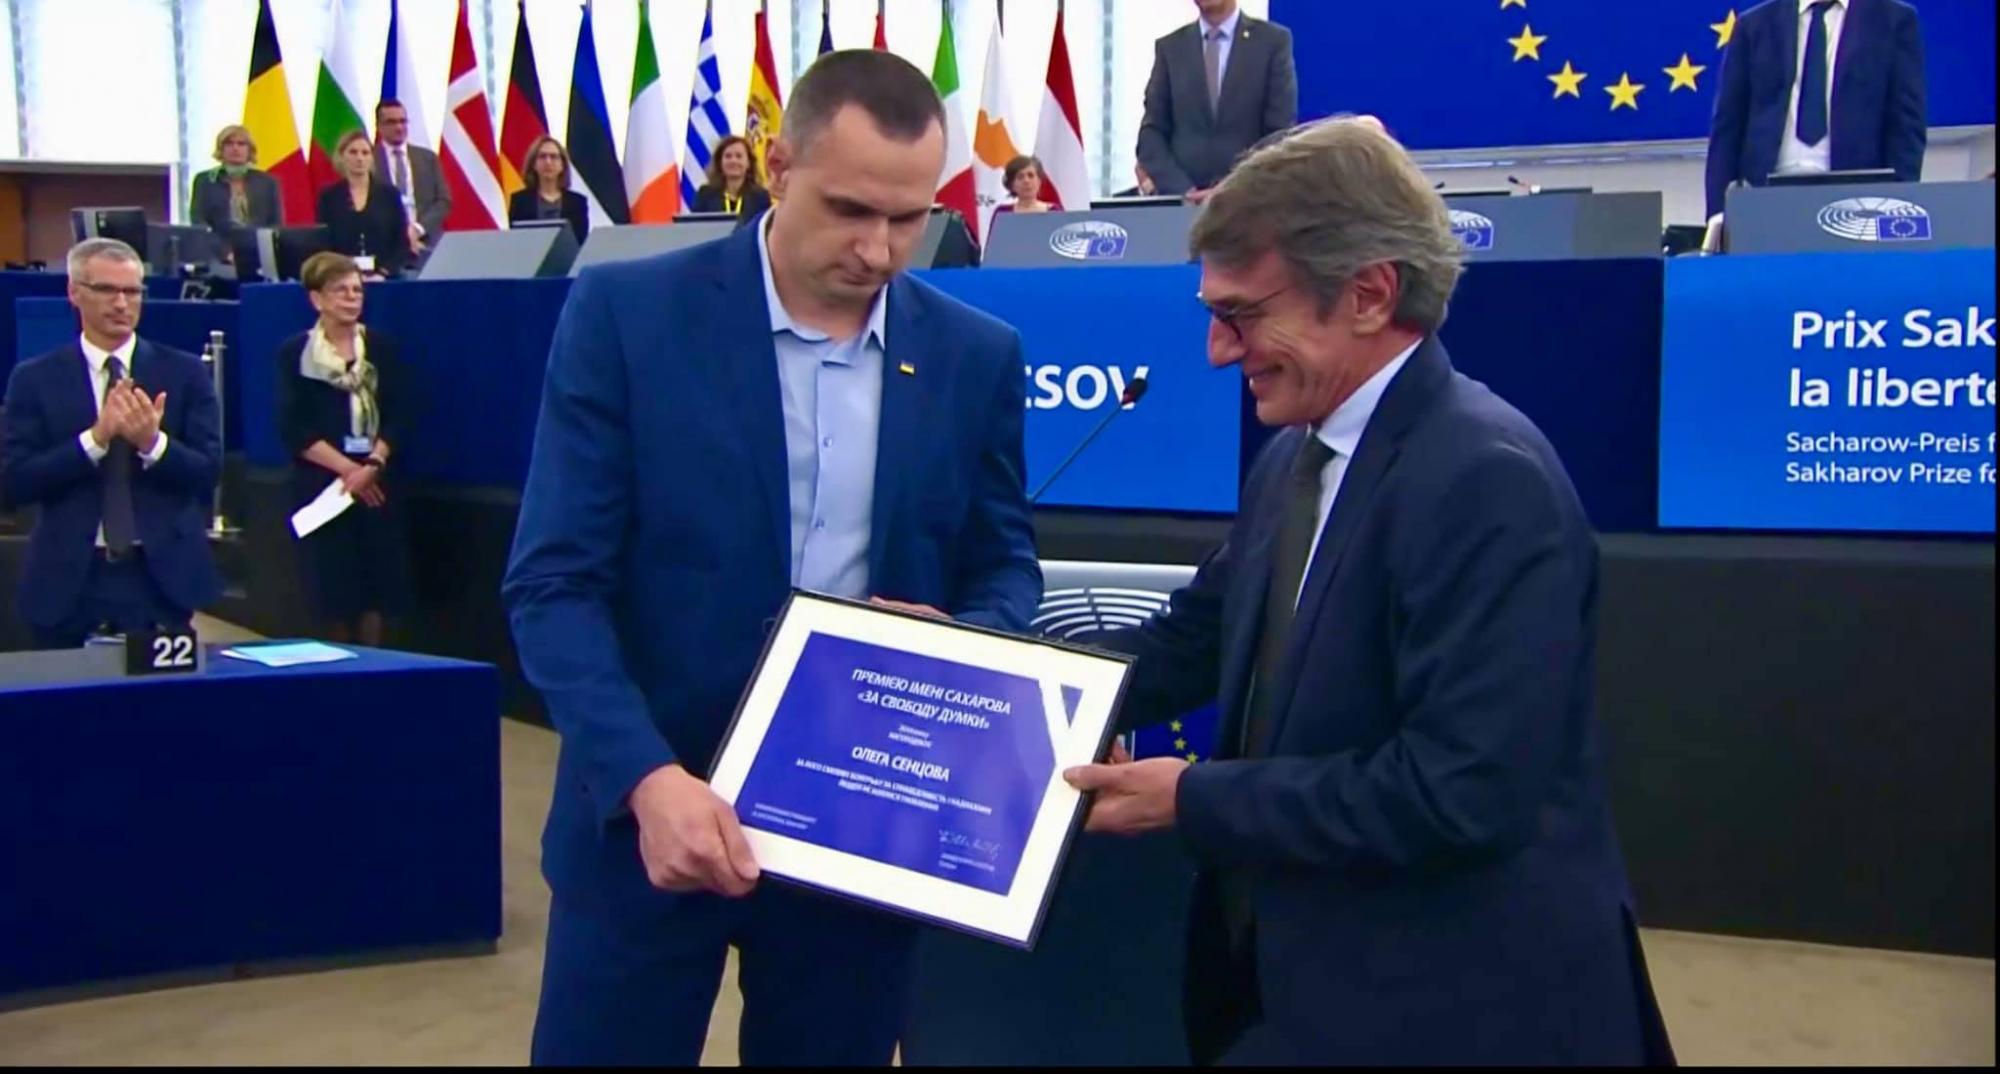 Сенцову вручили премию Сахарова в Европарламенте